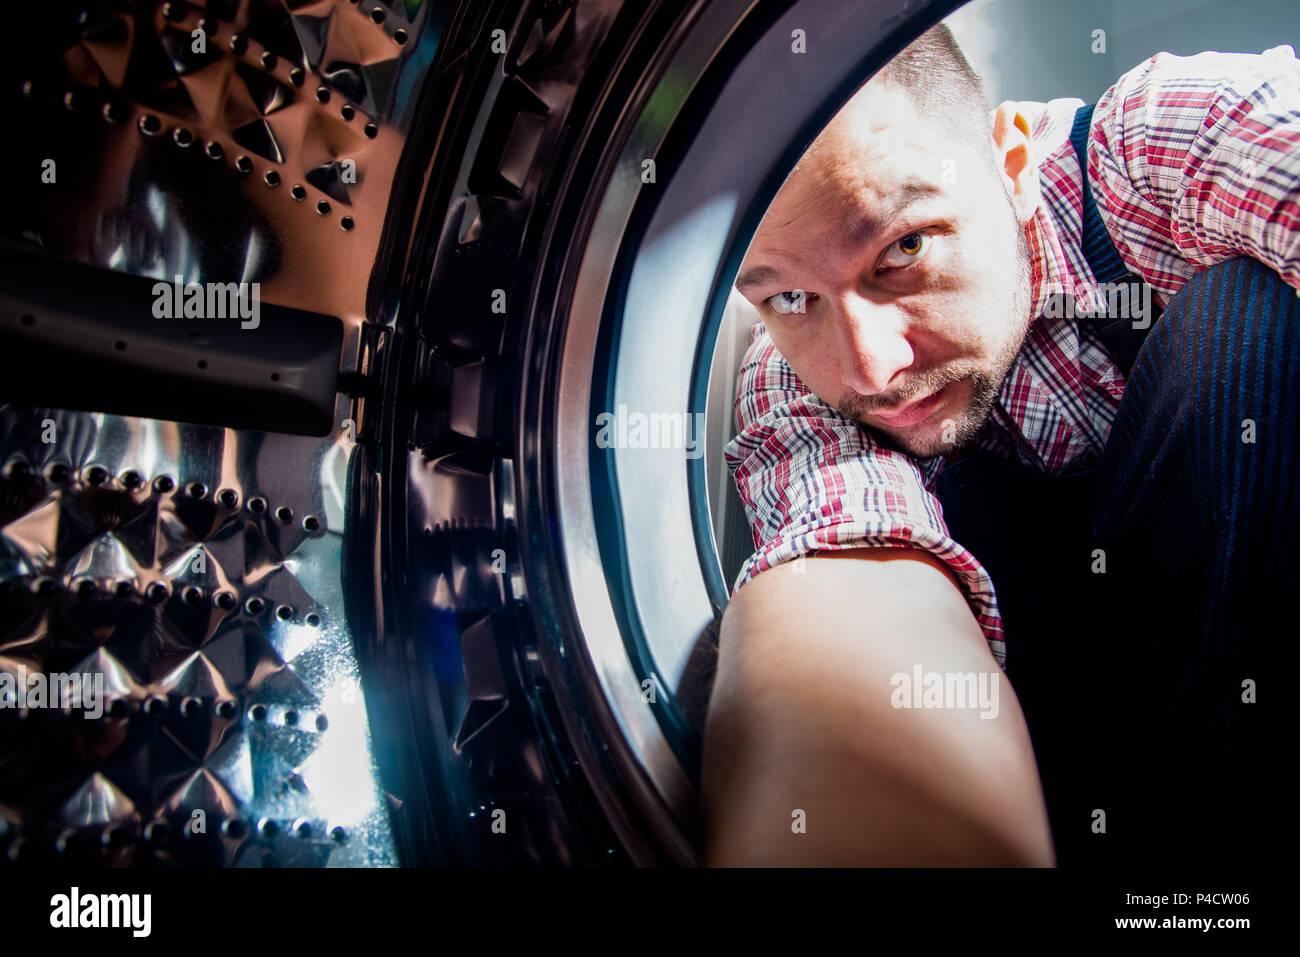 Riparare l uomo che fissa la lavatrice in bagno, vista dall'interno della macchina Immagini Stock